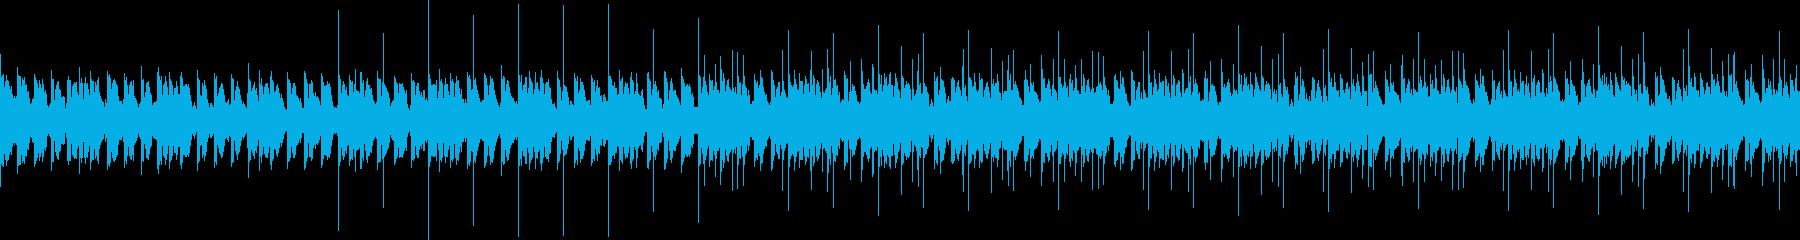 クールでかっこいいヒップホップ風のループの再生済みの波形